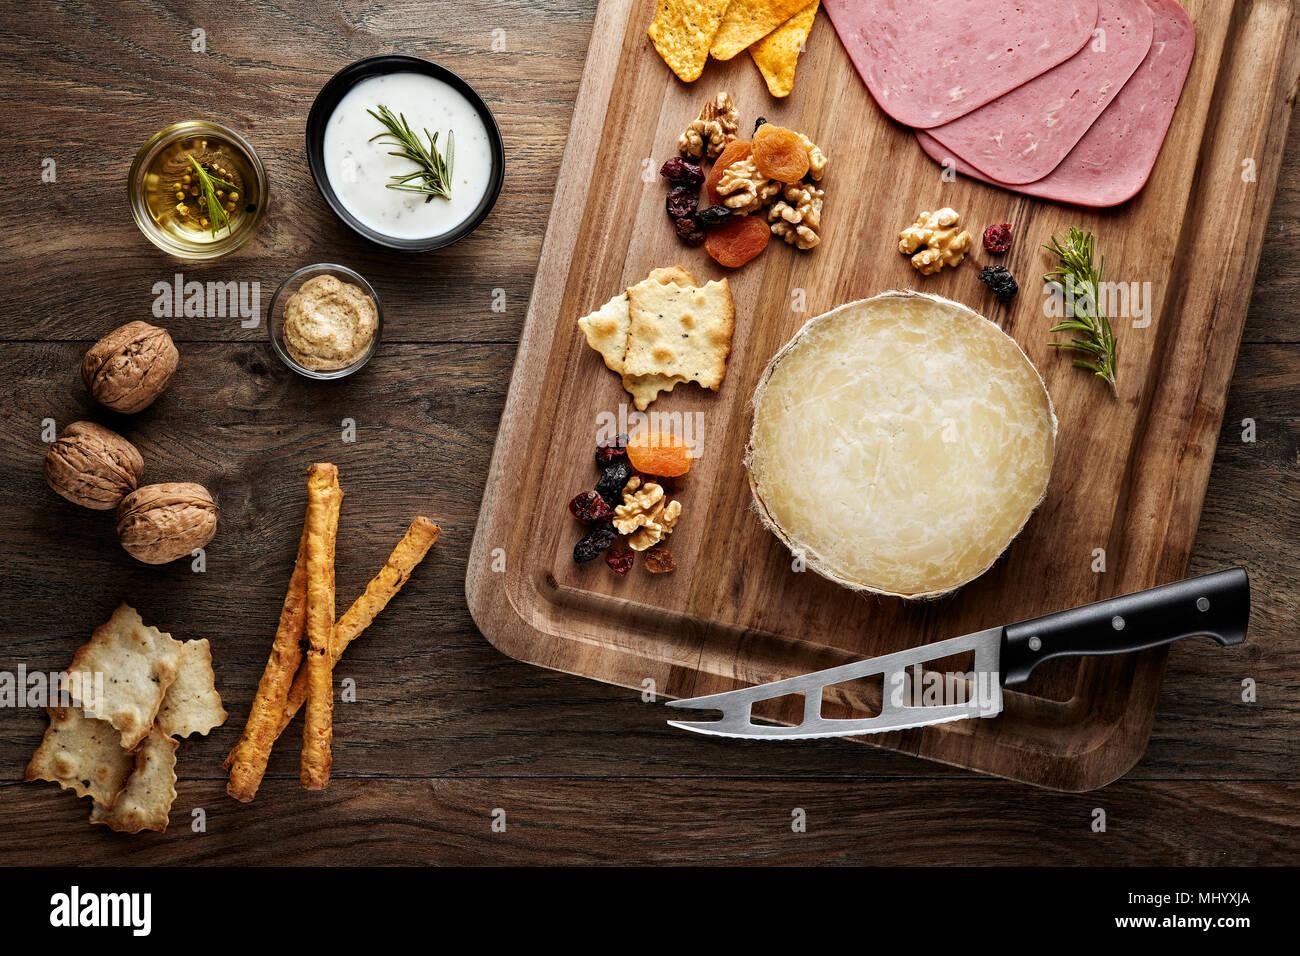 Bagno turco Karaman skinbag formaggio (divle obruk) su un tavolo di legno decorato con puntelli del tagliere di legno, Coltello per formaggio e noci Immagini Stock